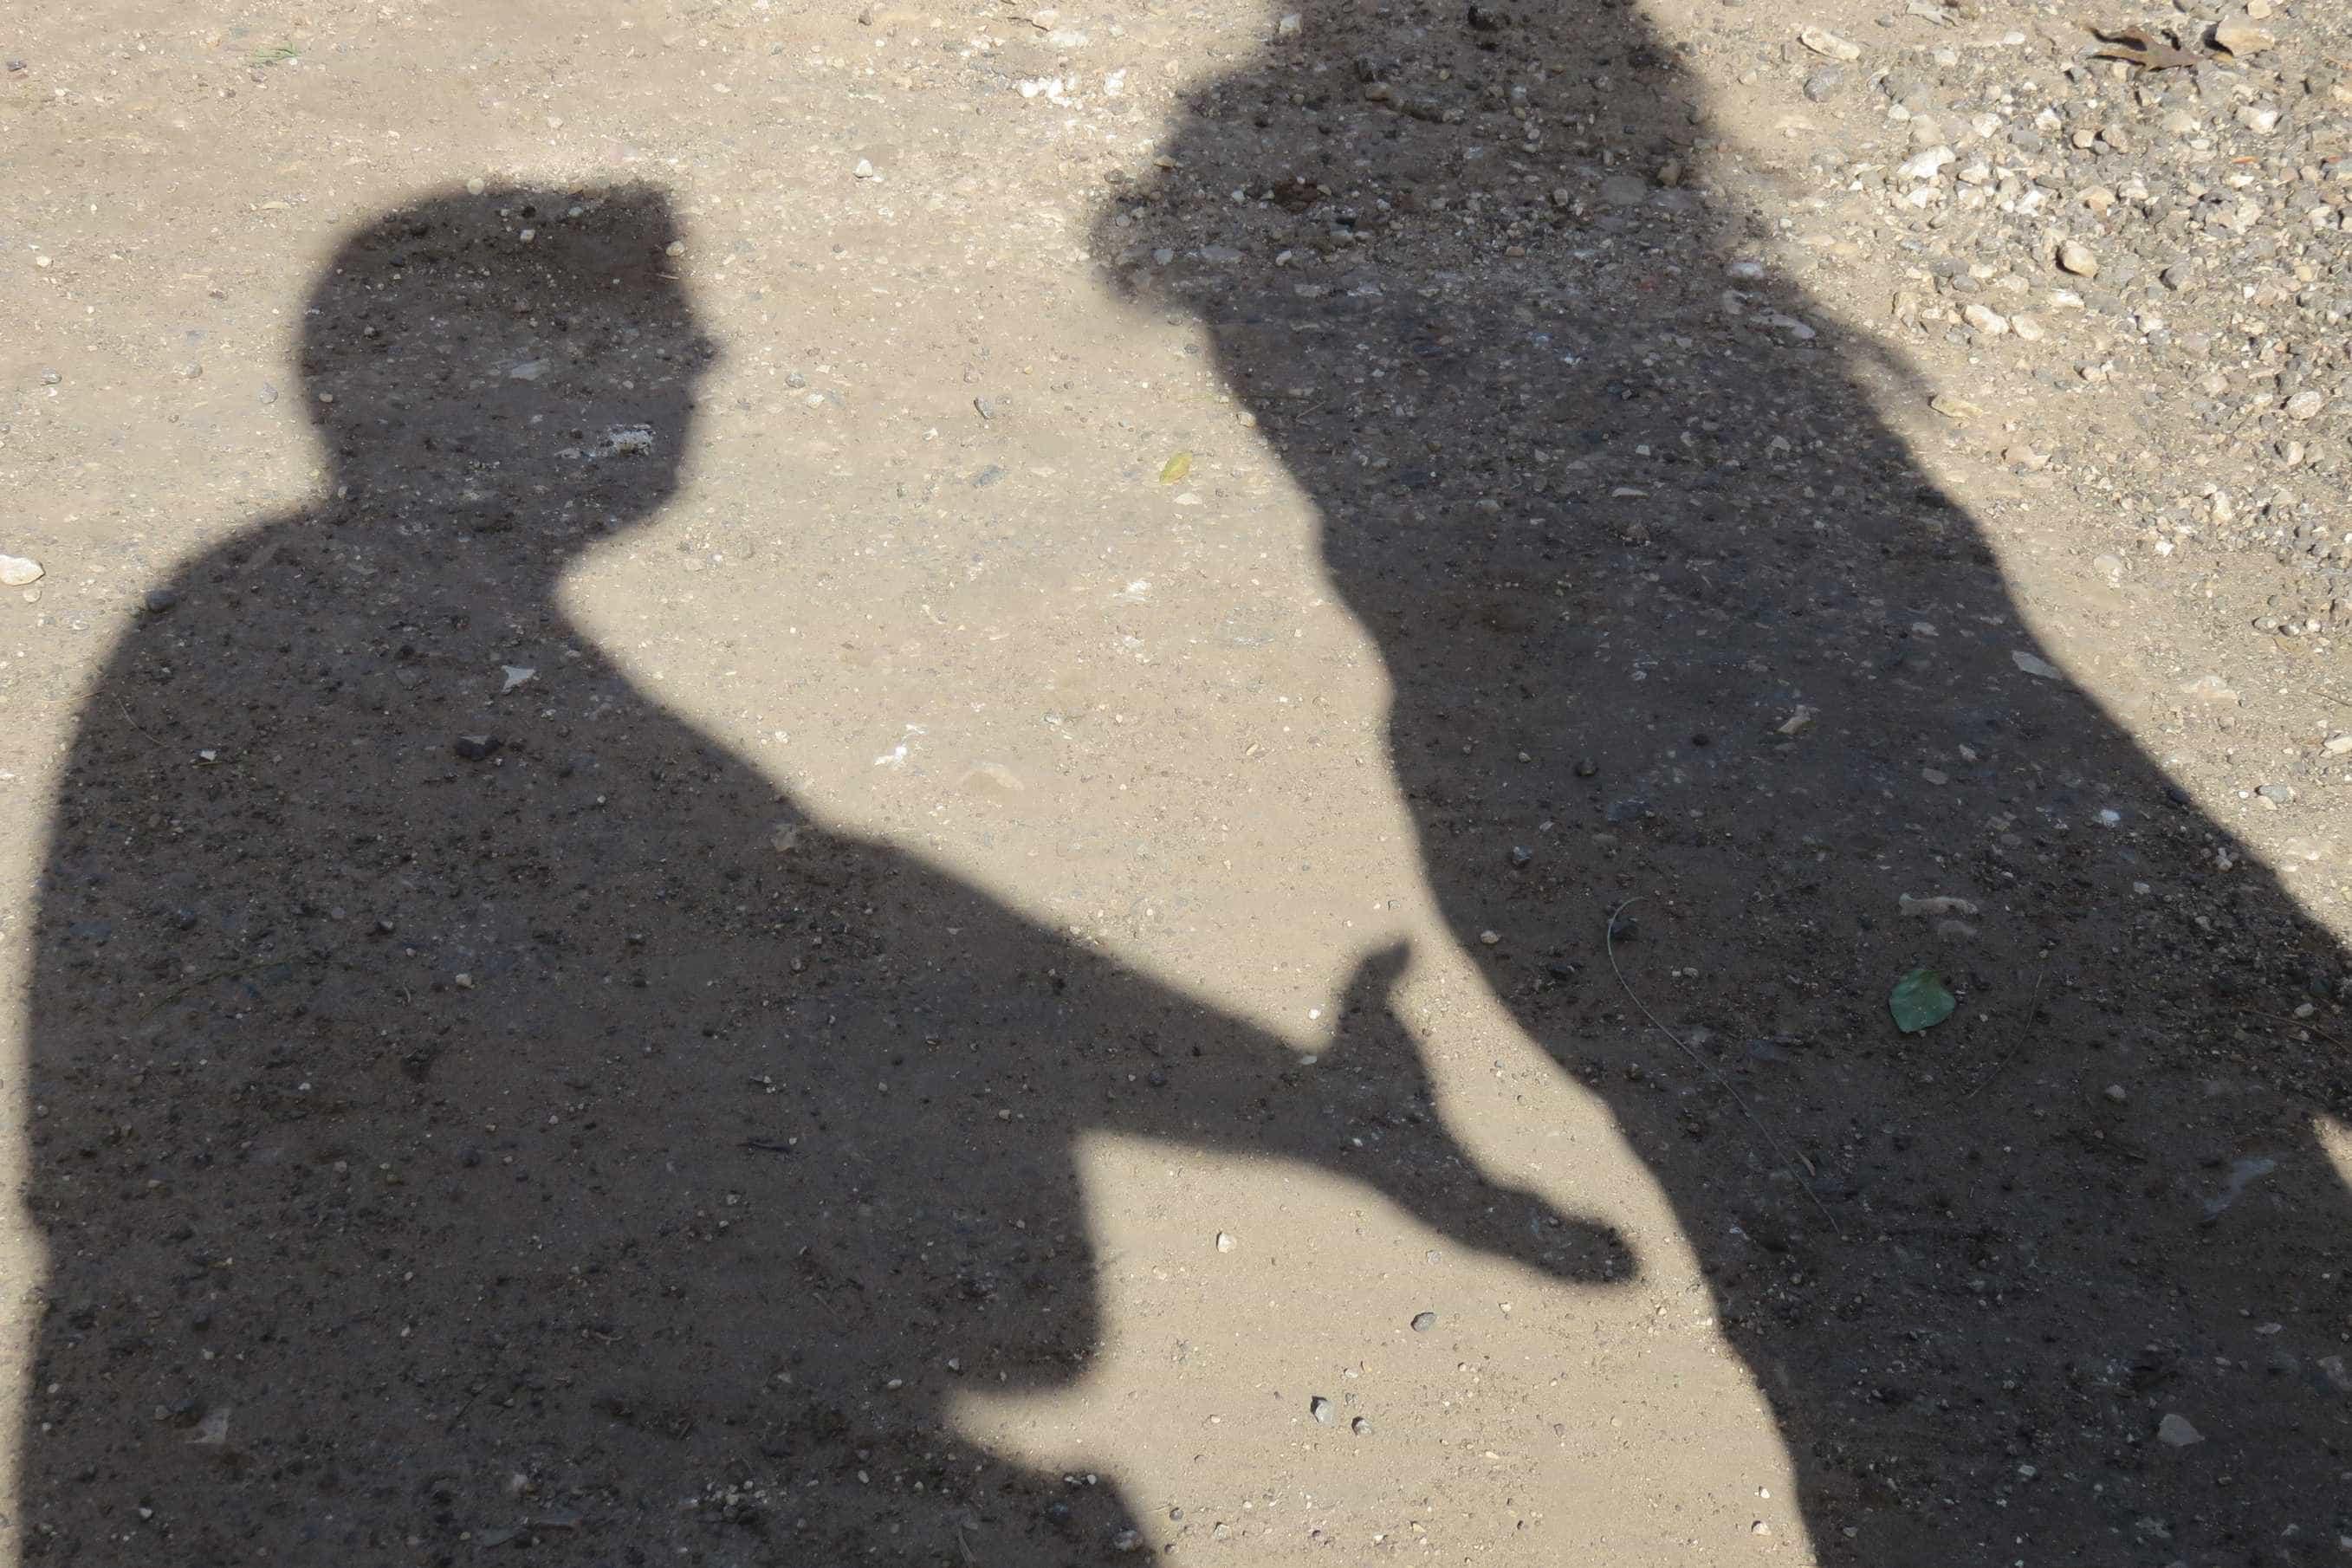 Detido suspeito de bater em mulher e enteado de 9 anos